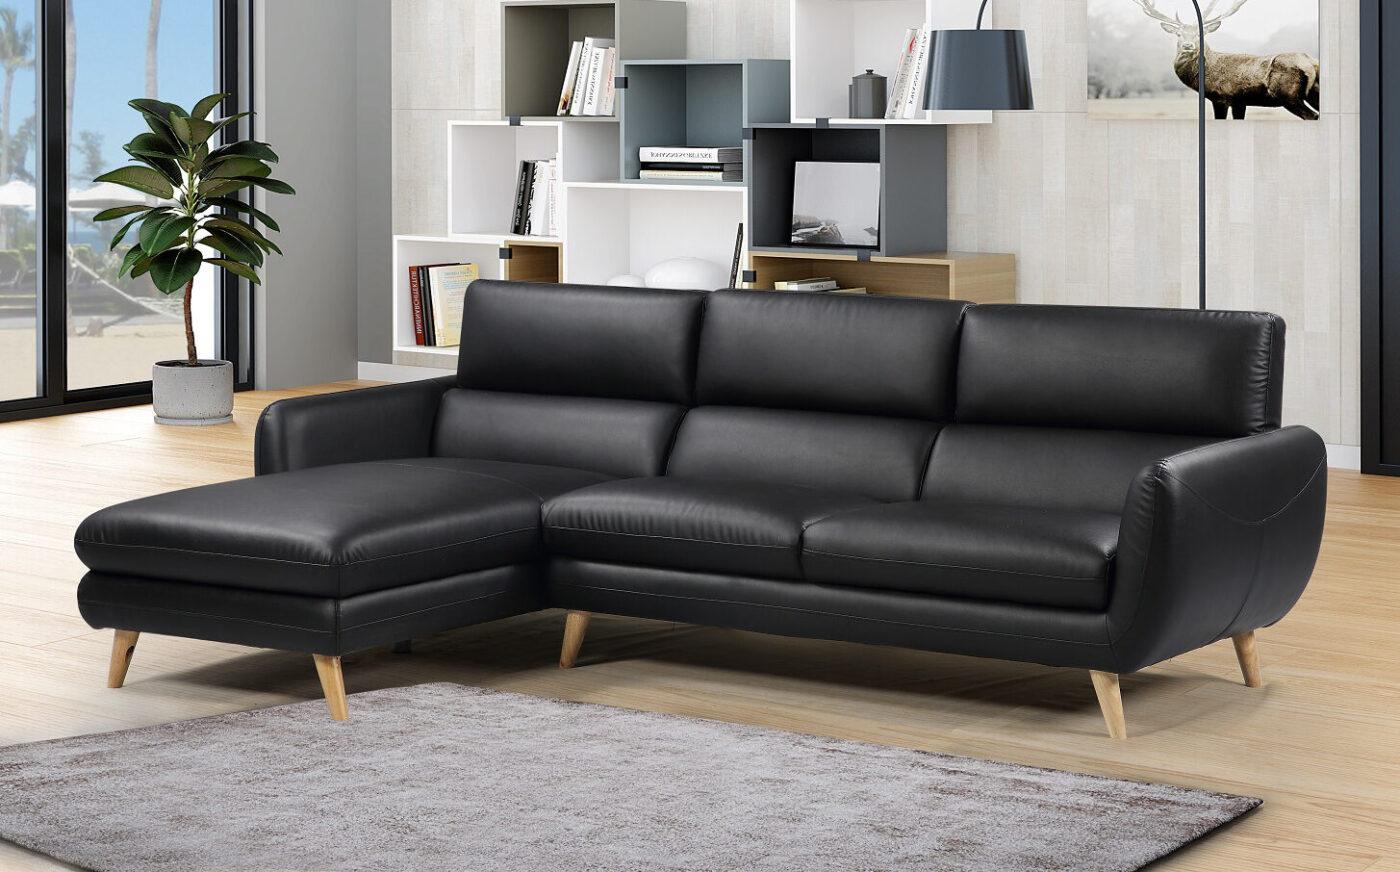 10 Chaiselong Sofaer I Laeder Som Tilforer Eksklusiv Charme Til Stuen